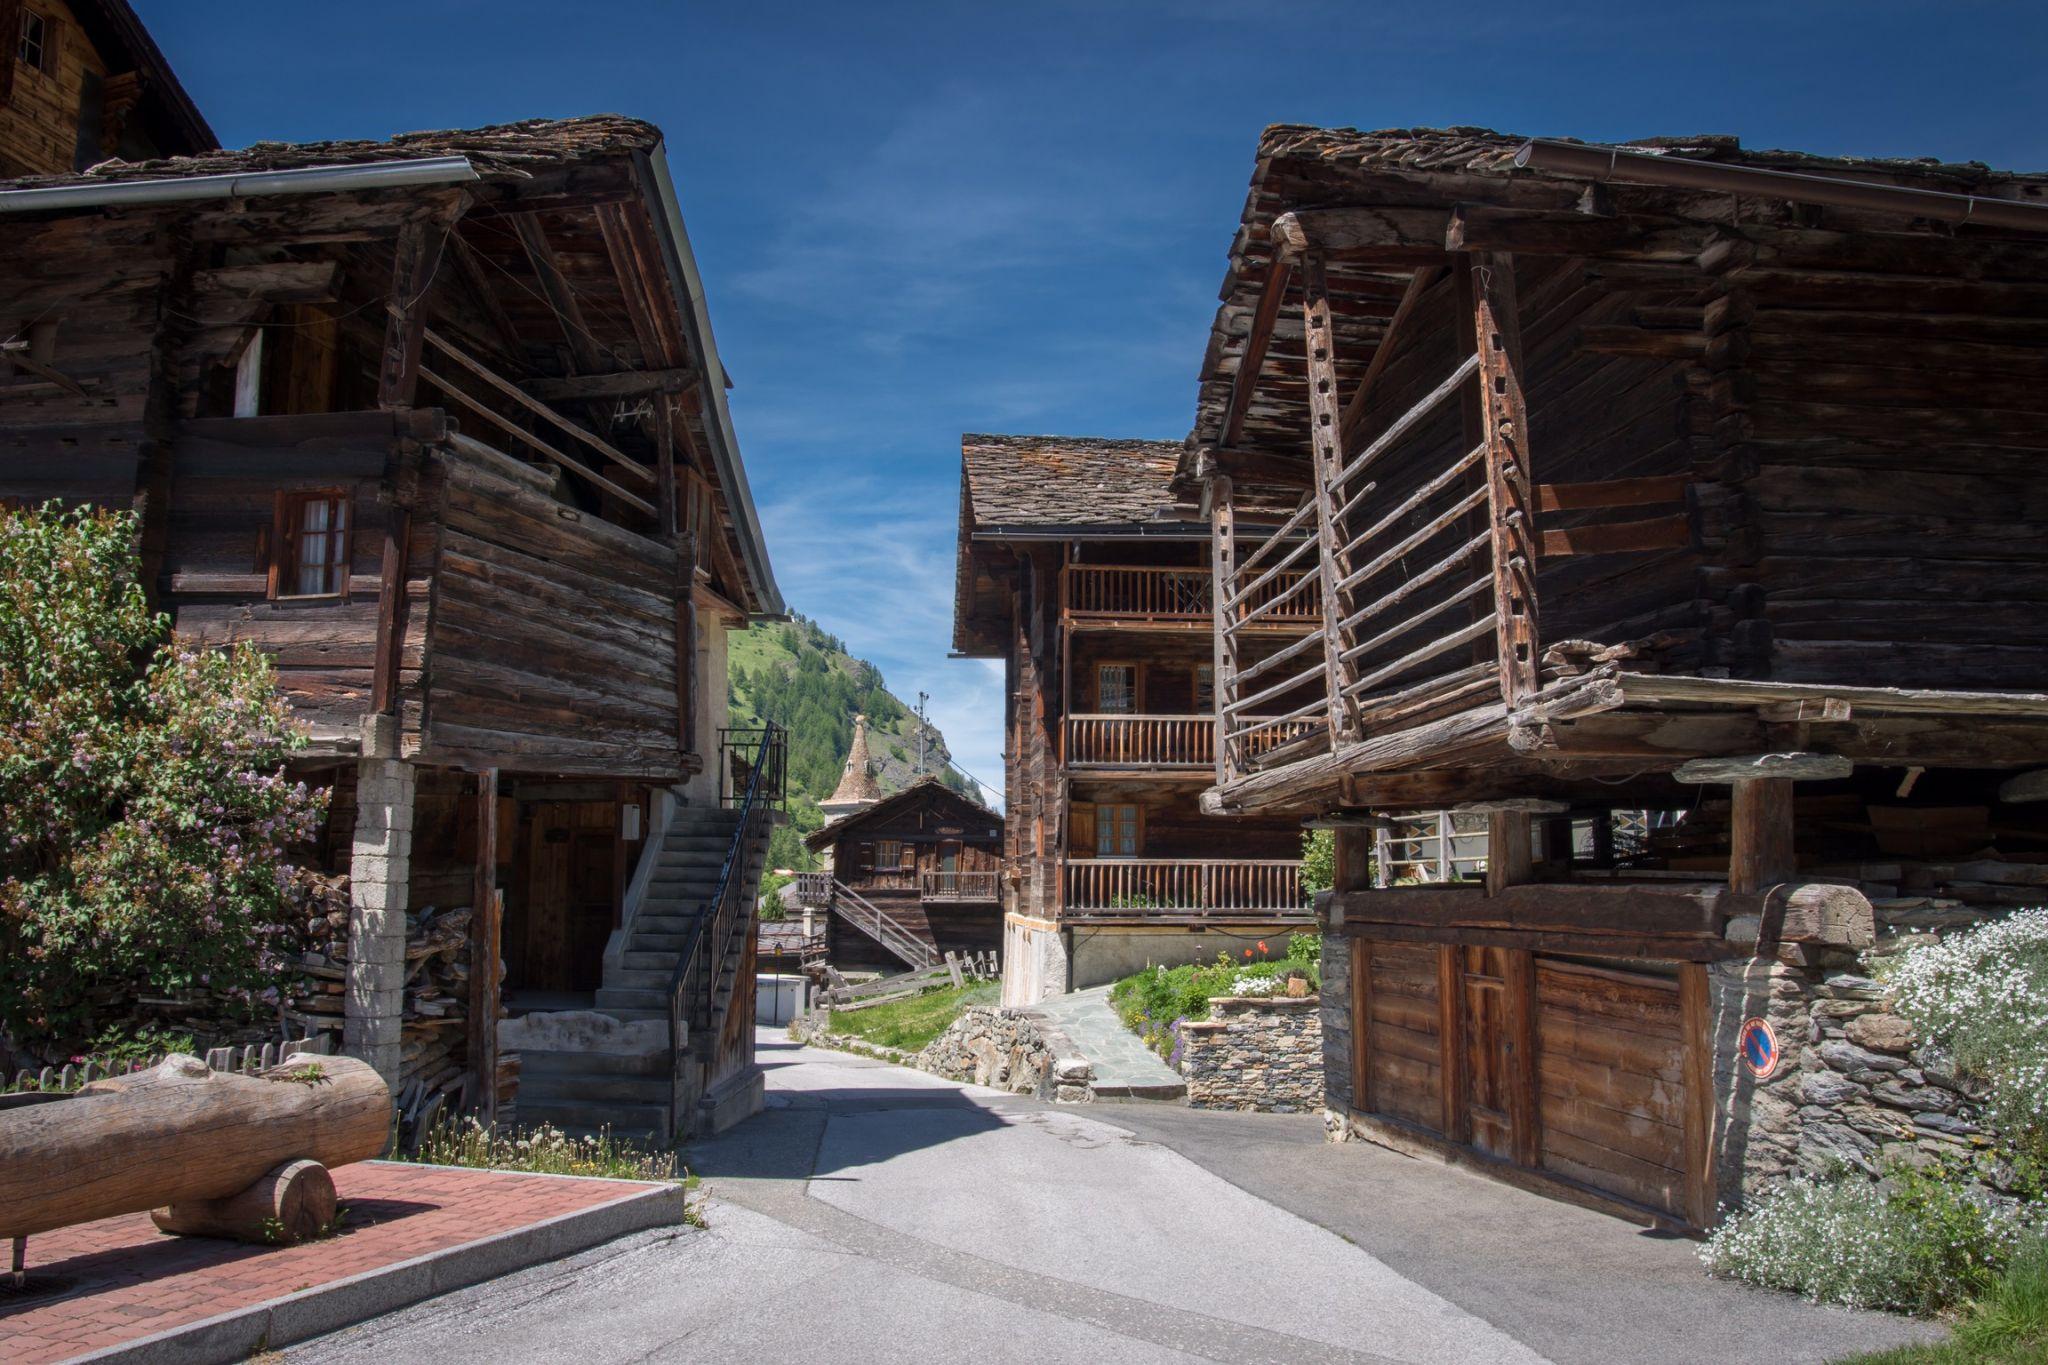 Les Haudères, Vieux Village, Switzerland